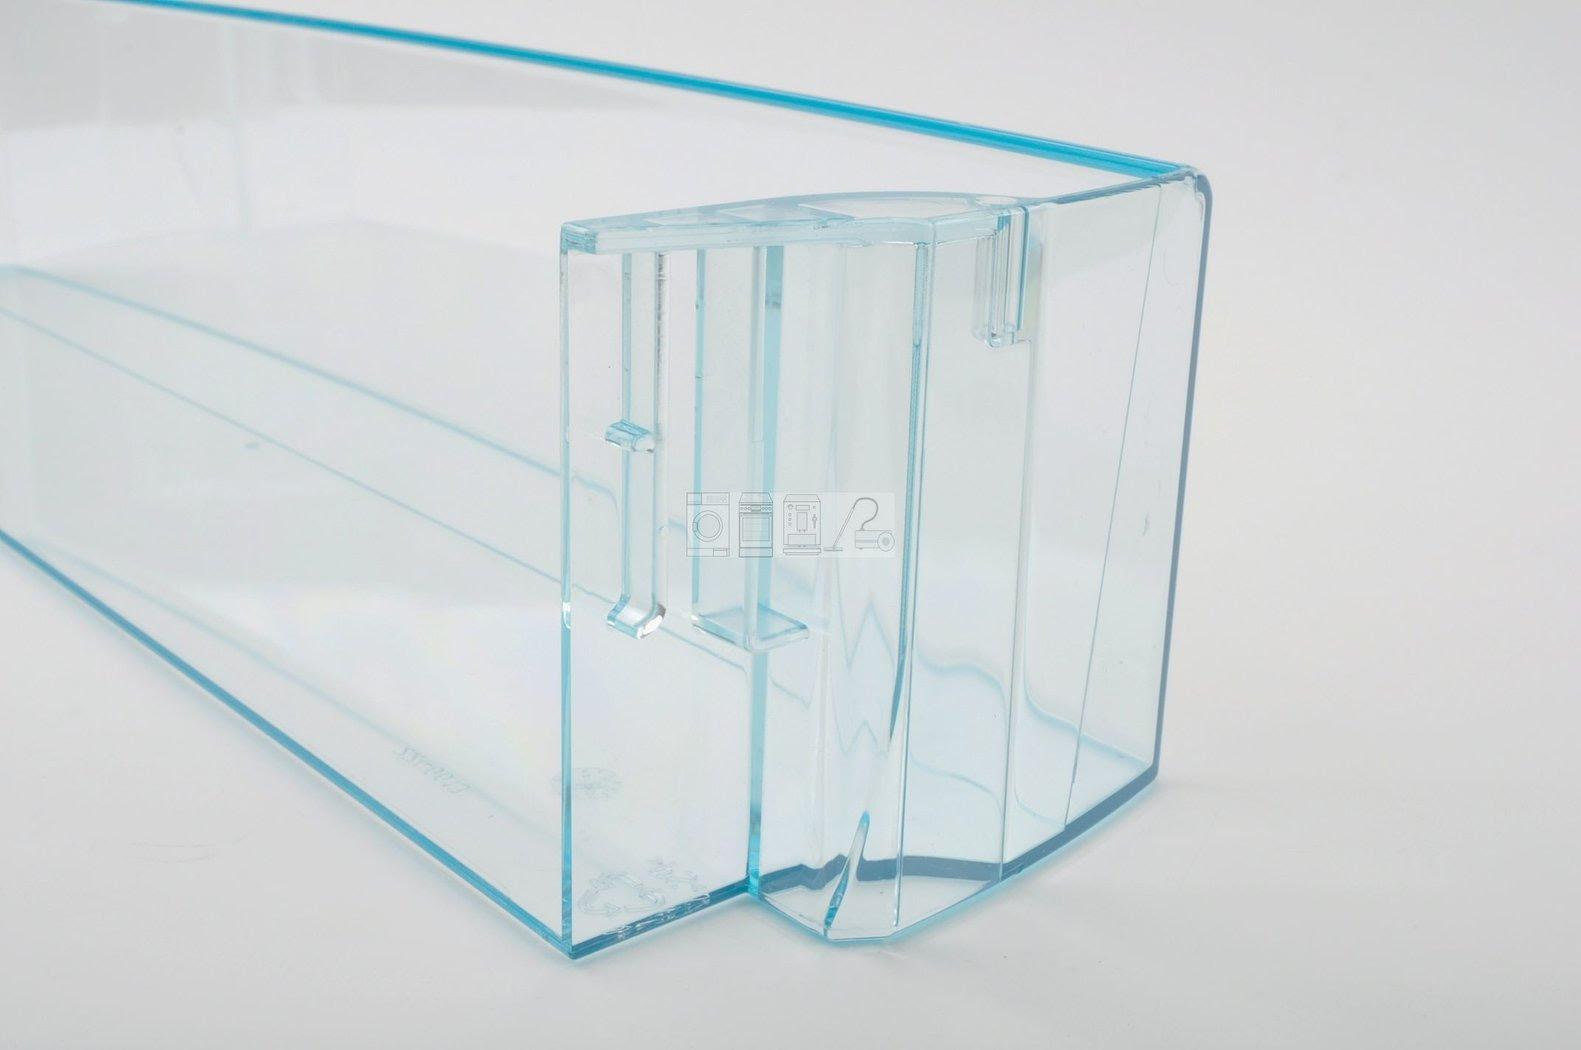 Amica Kühlschrank Flaschenfach : Ersatzteile privileg kühlschrank flaschenfach richard